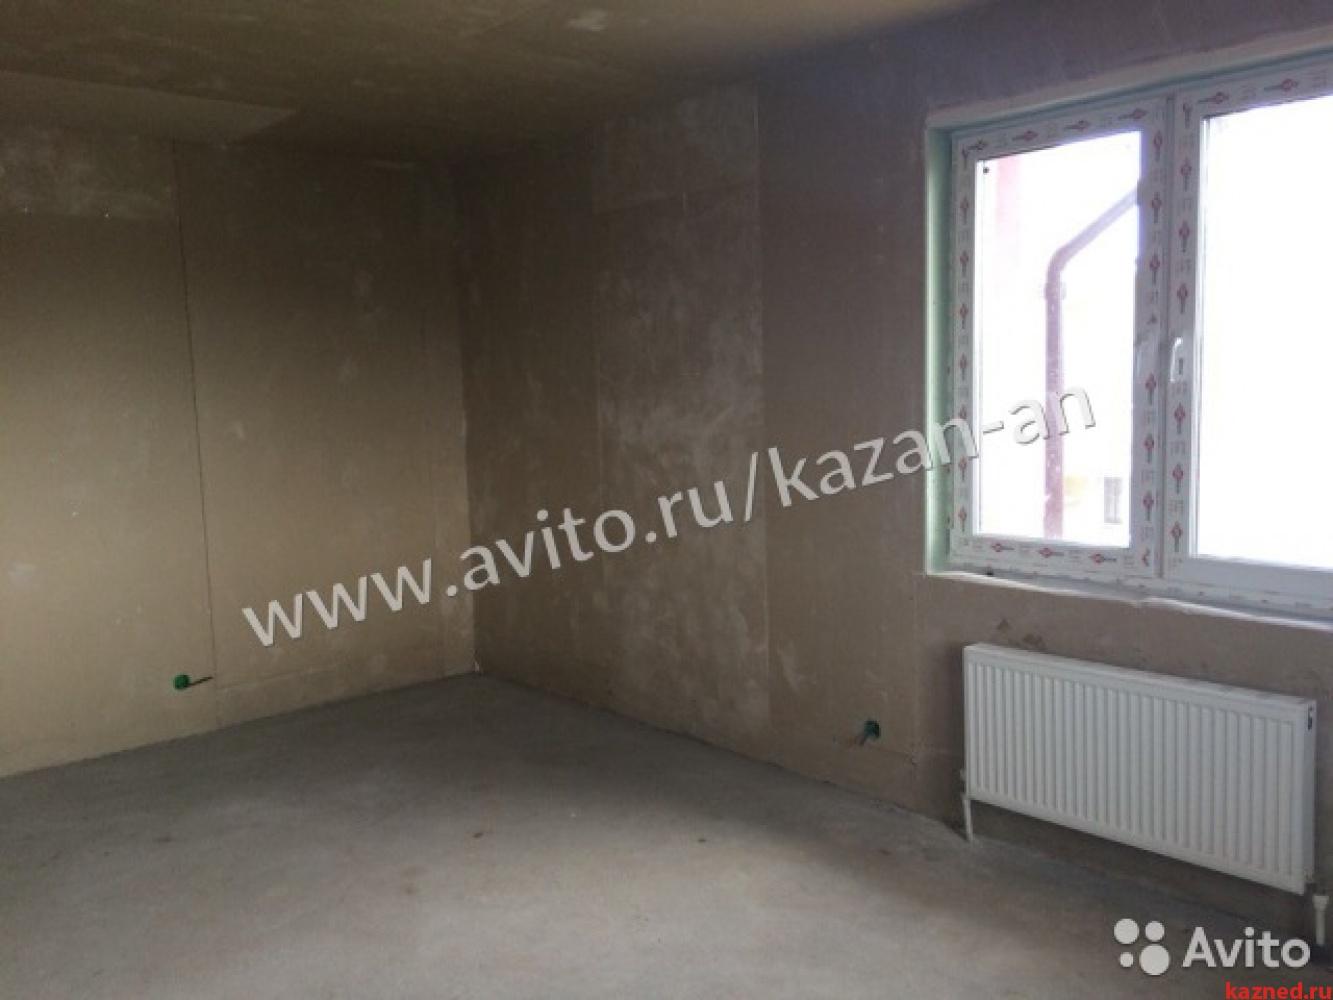 Продажа 1-к квартиры ЖК Светлый.СДАННЫЙ, 49 м2  (миниатюра №4)